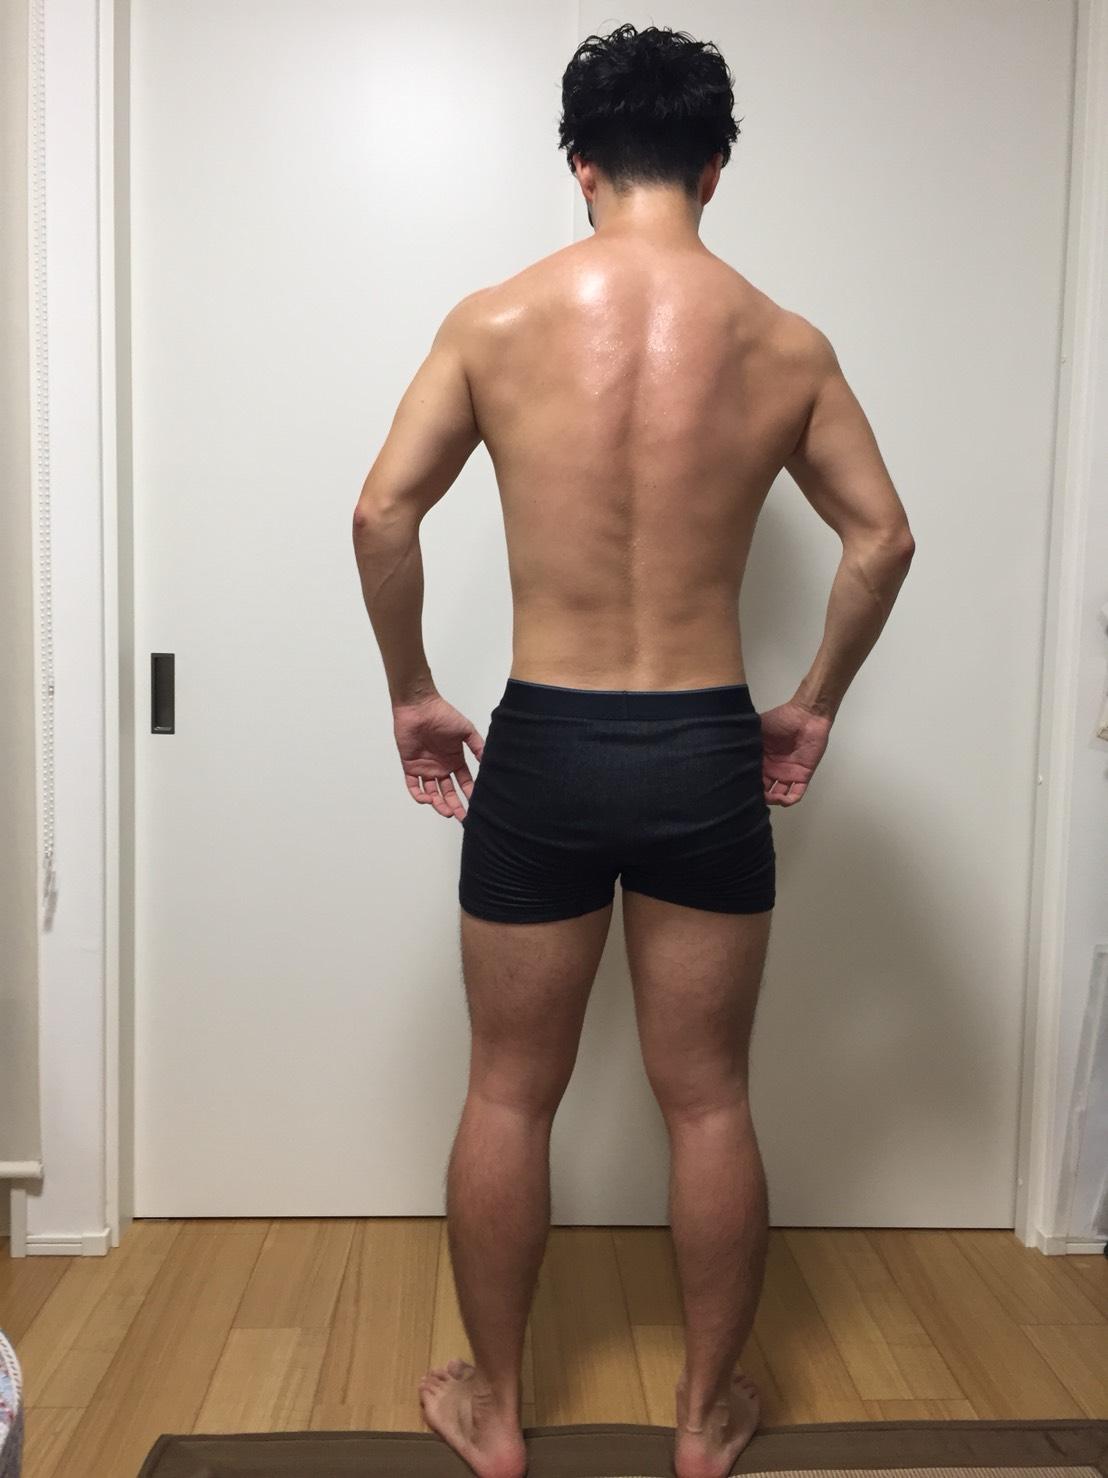 2018年7月4日時点の背面の様子。腰のあたりの脂肪が減ったように見える